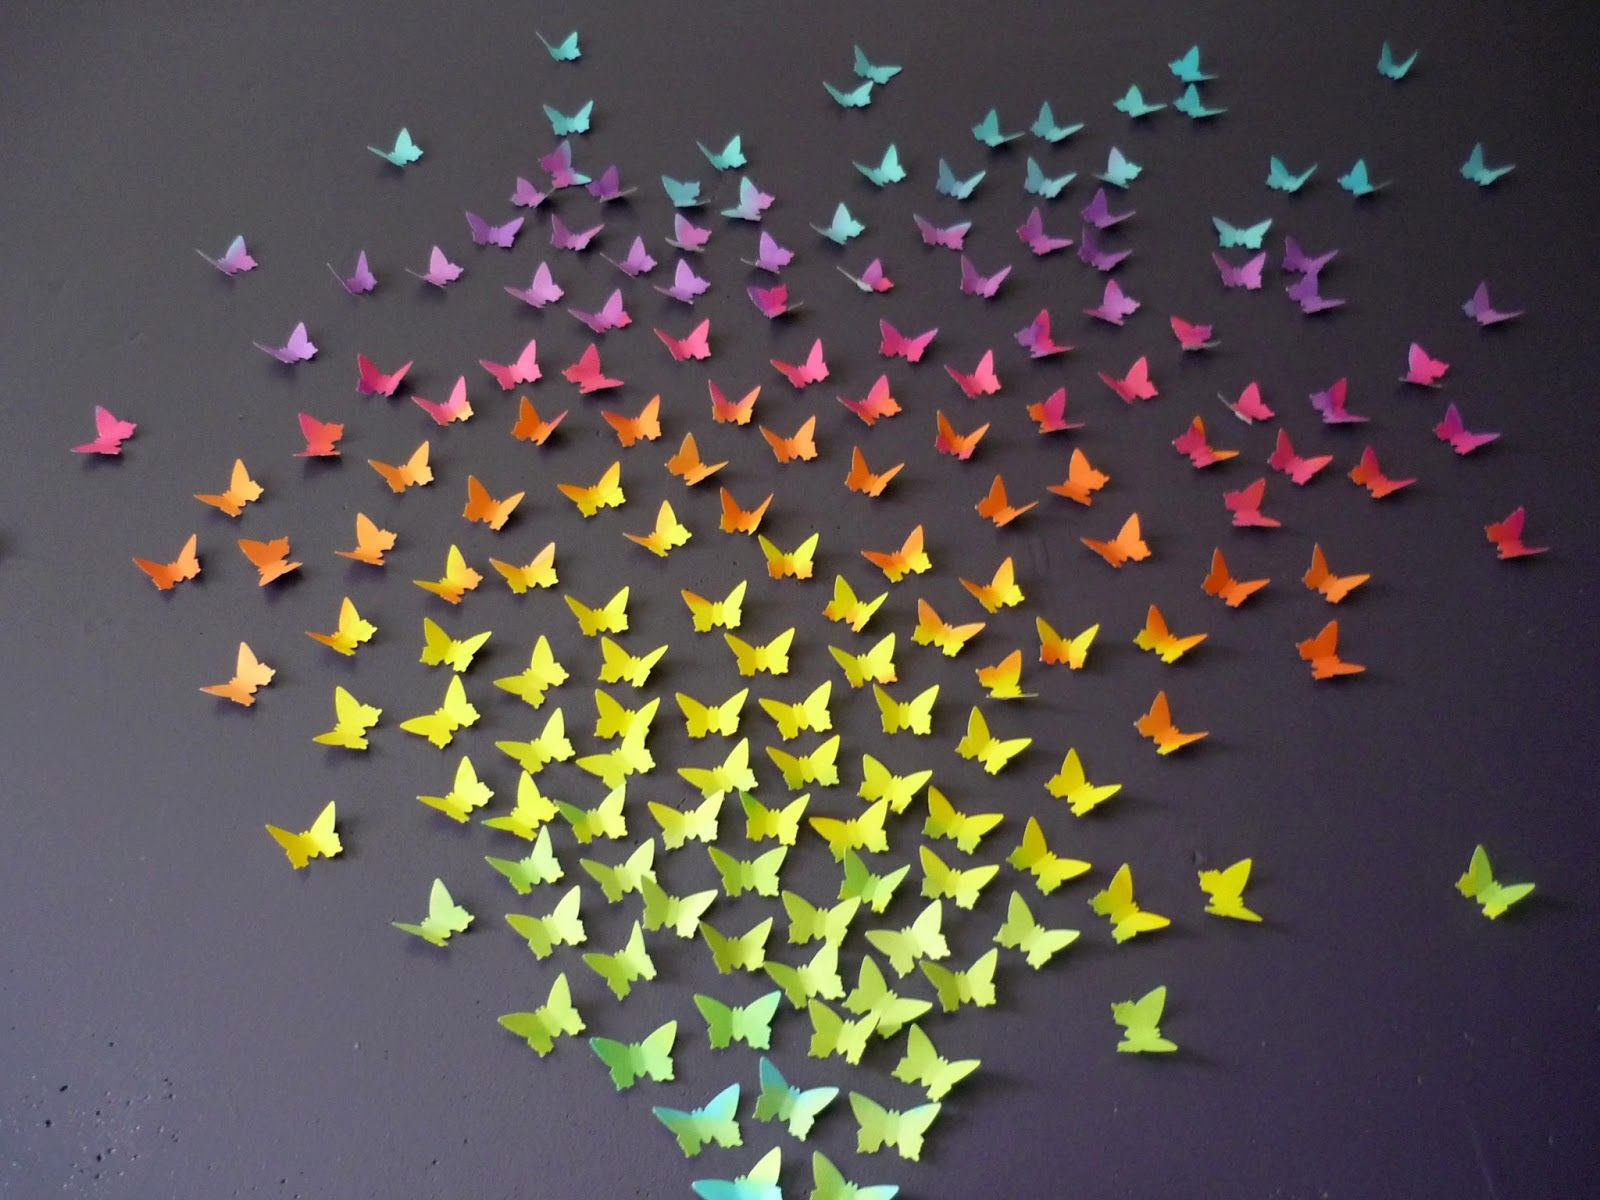 Une envolée de papillons sur le mur violet du salon pour rªver et